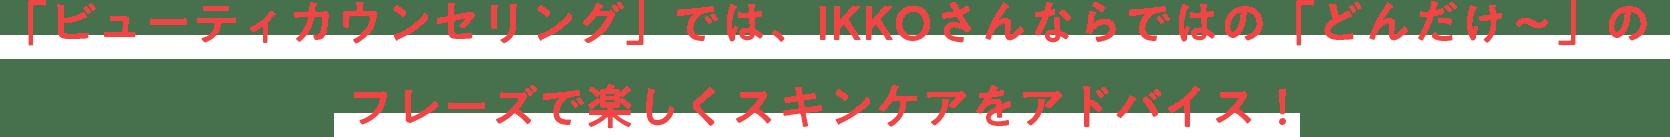 「ビューティカウンセリング」では、IKKOさんならではの「どんだけ〜」のフレーズで楽しくスキンケアをアドバイス!